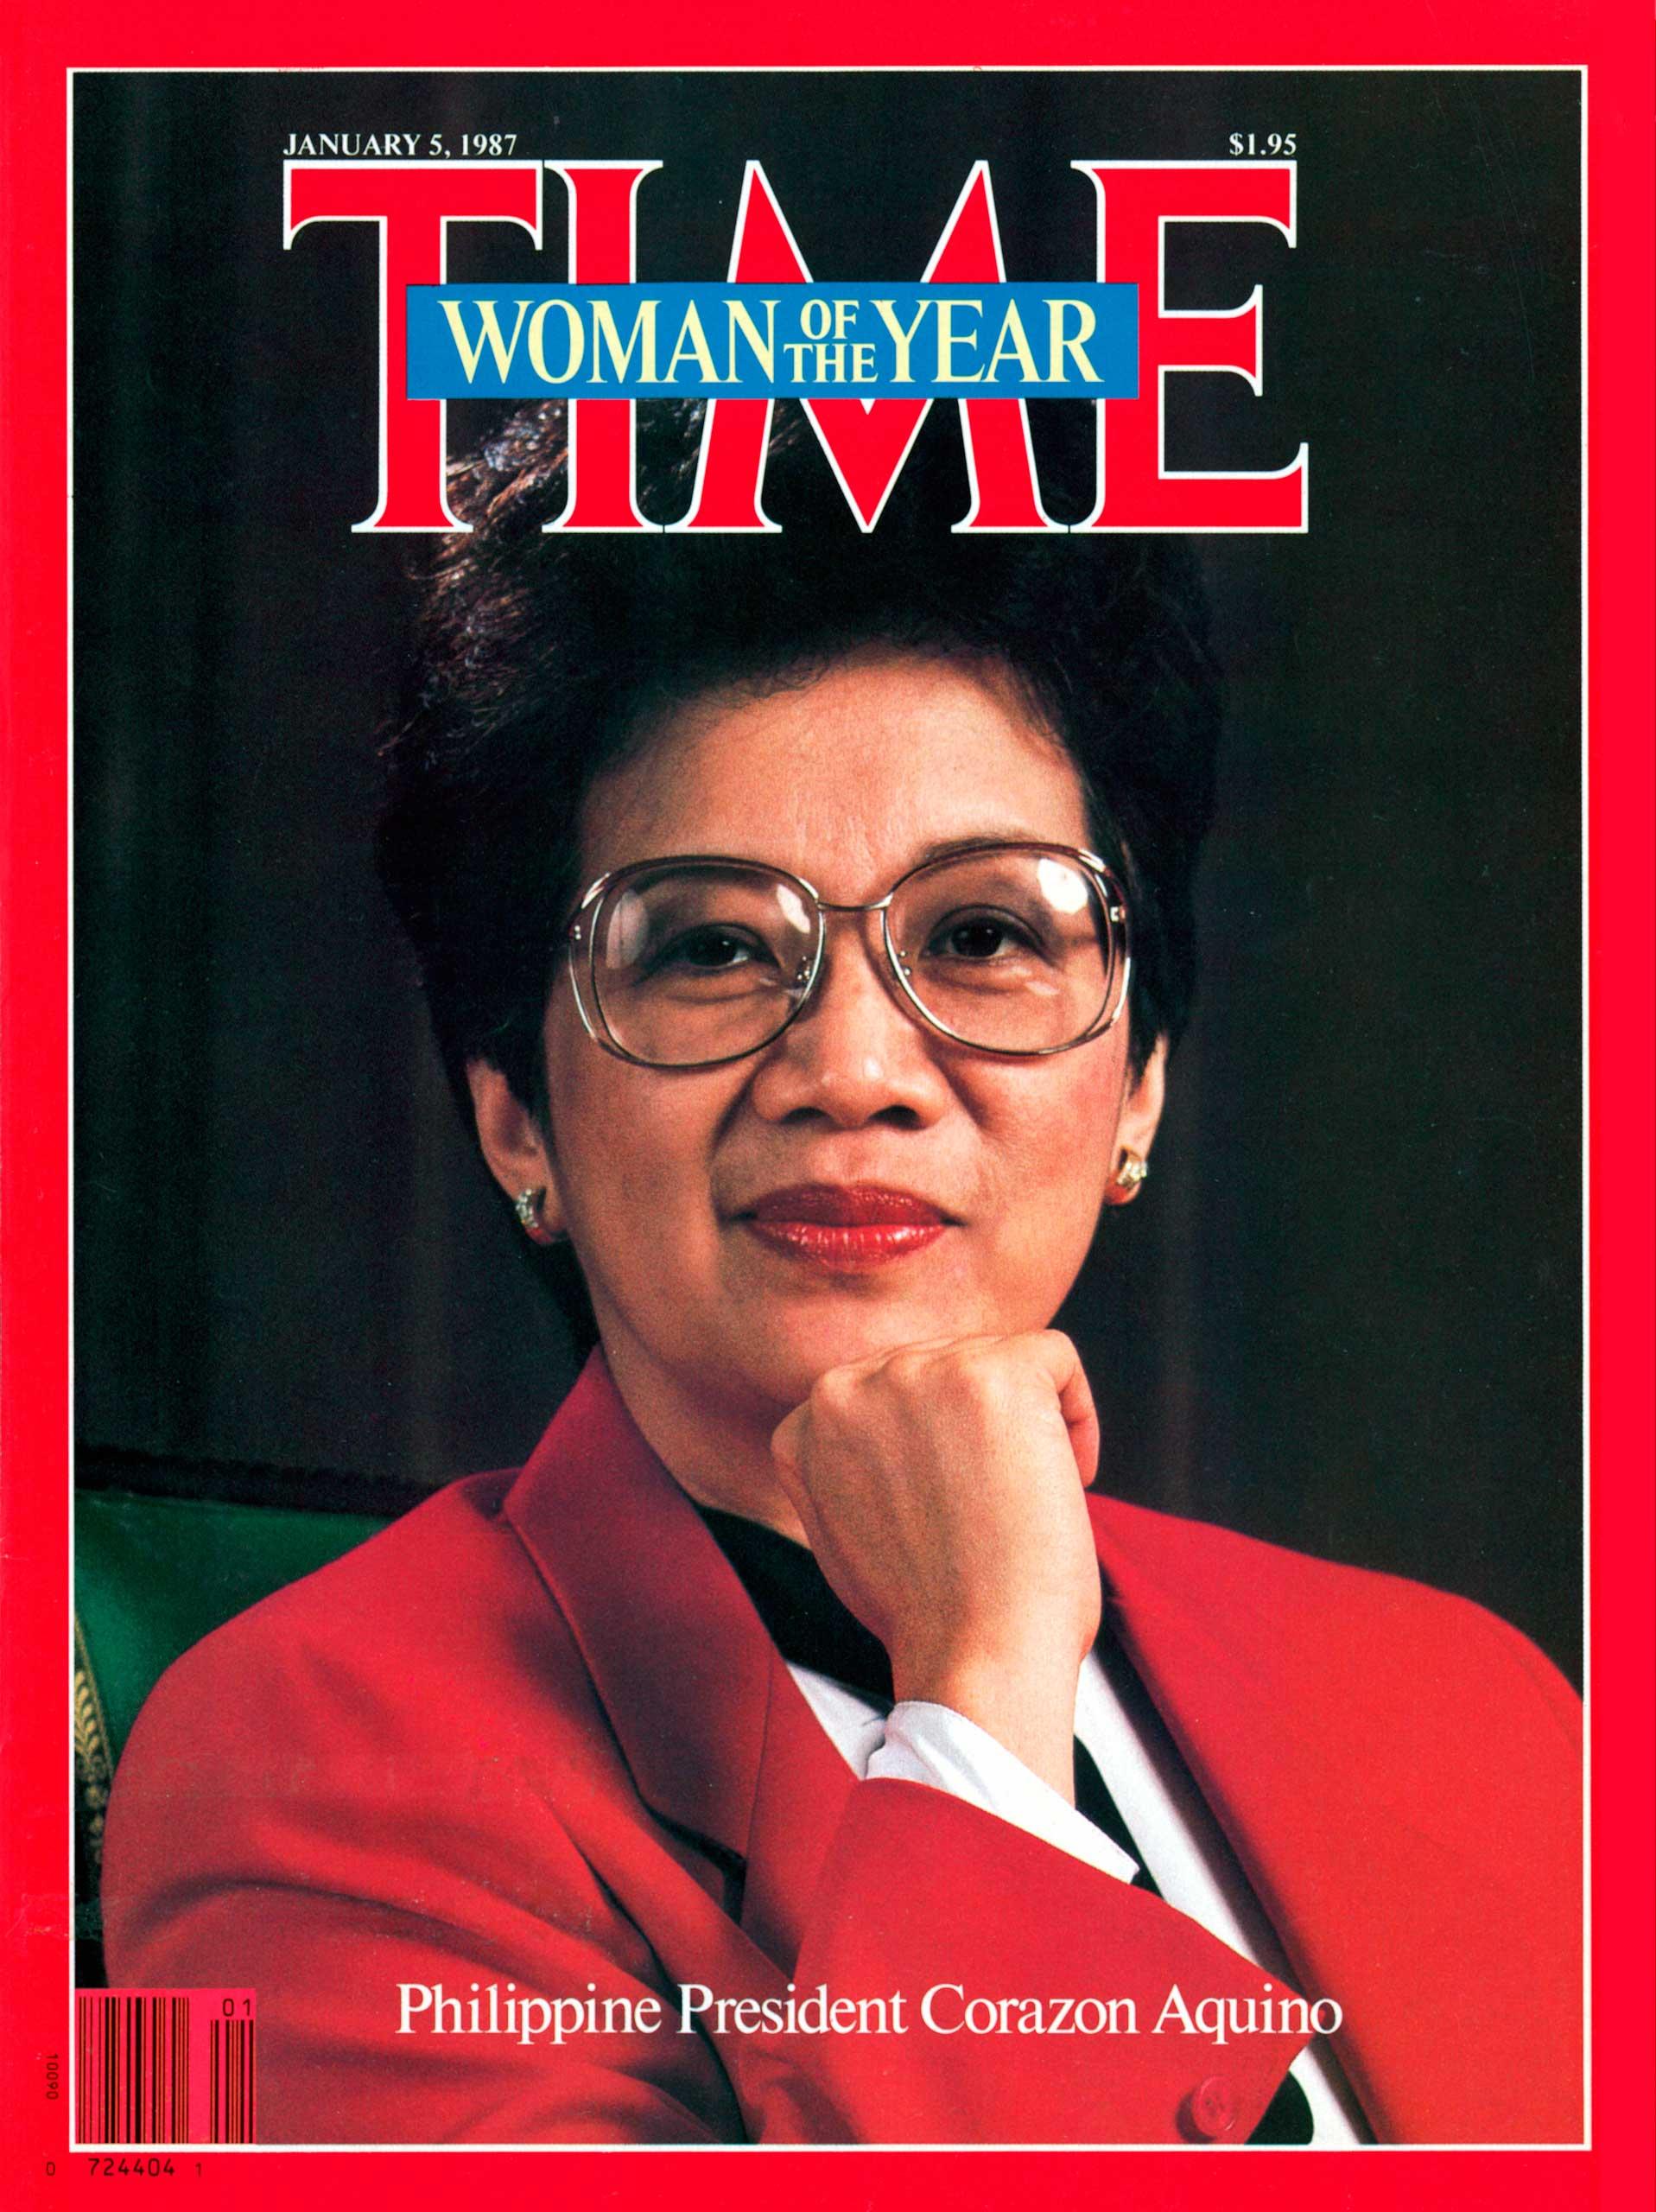 <strong>1986</strong>: Corazon Aquino